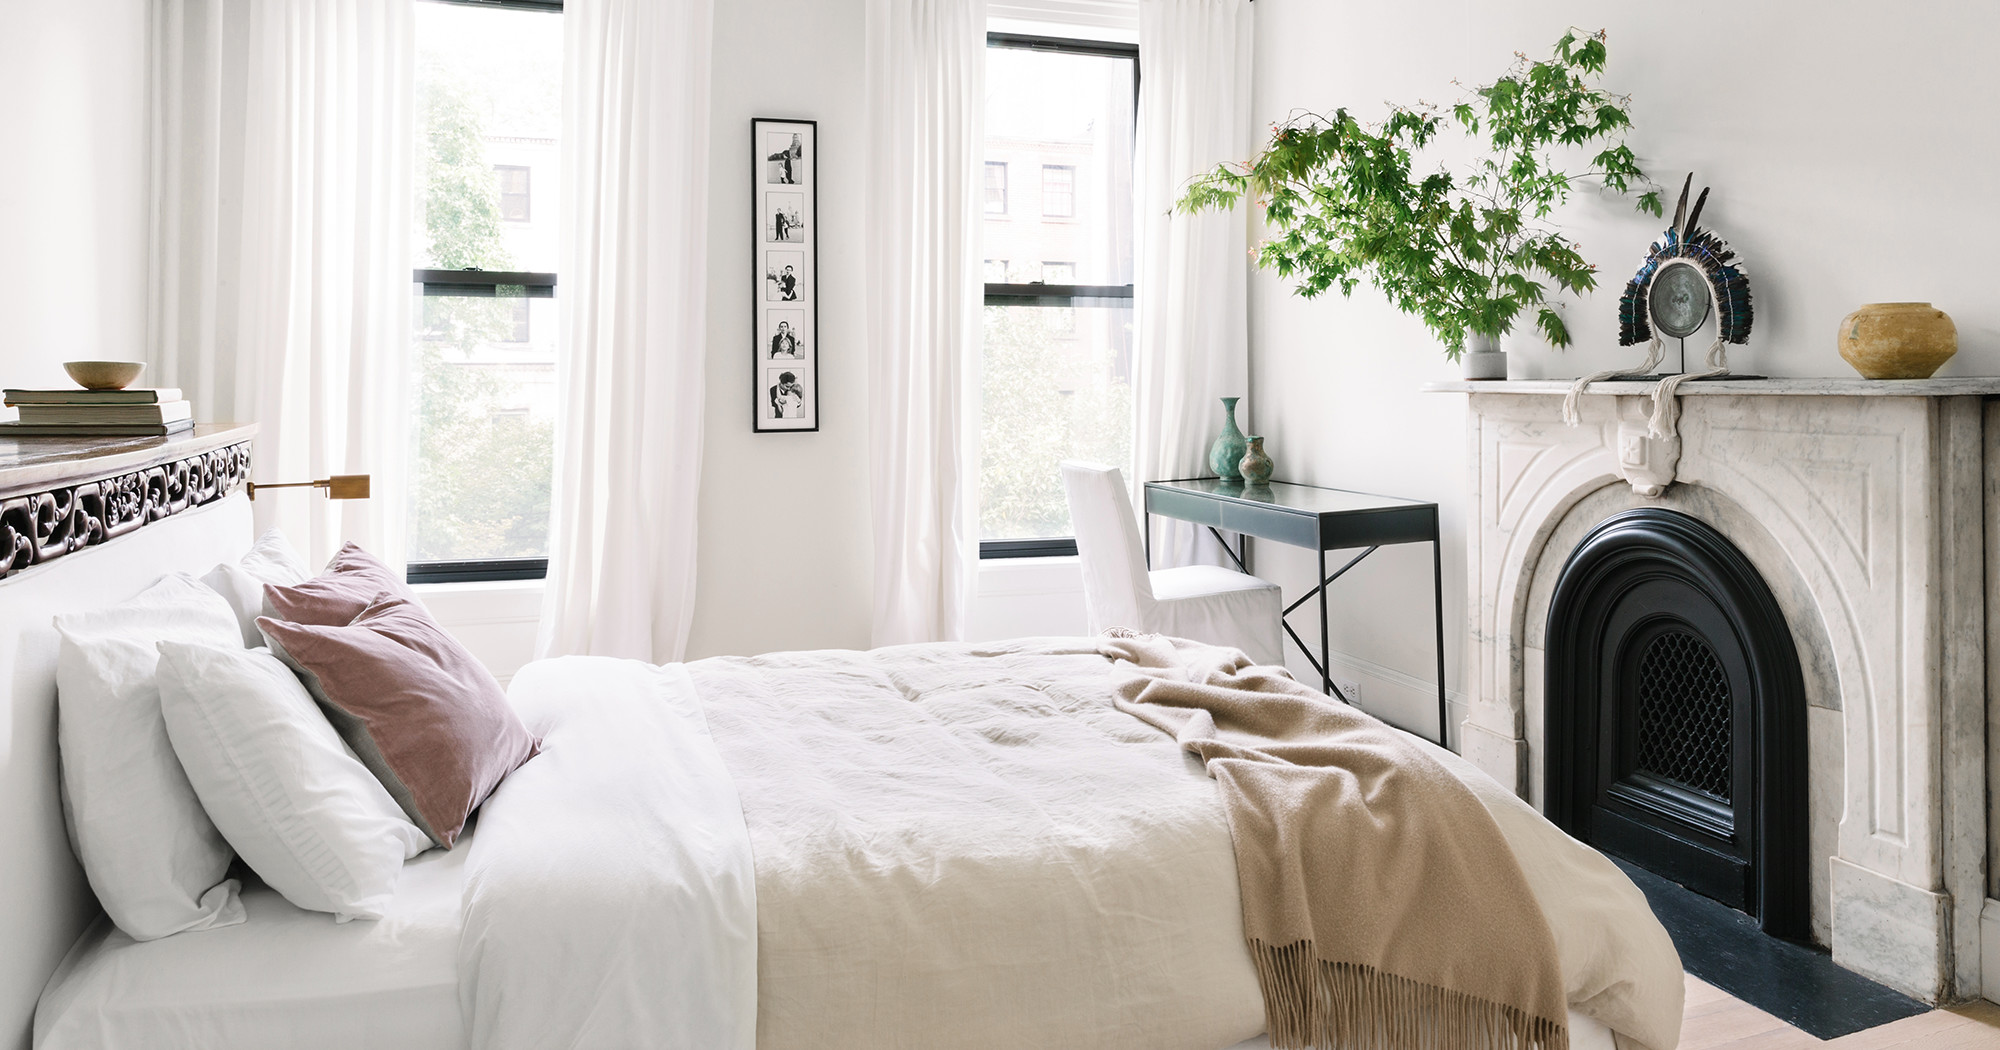 Fengshui untuk kamar sempit